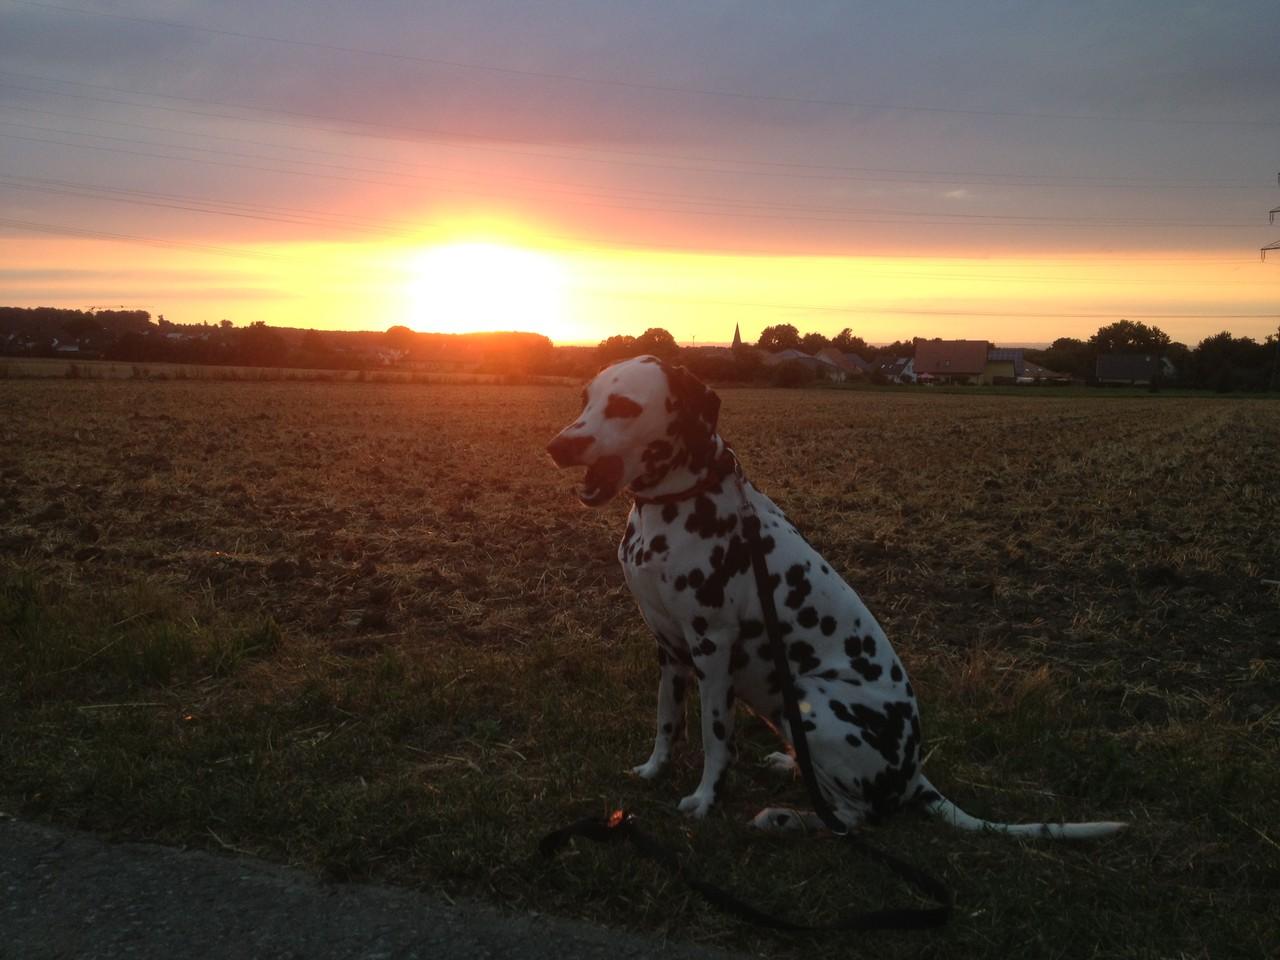 Sonnenuntergang in Büren ... boah, bin ich müde!